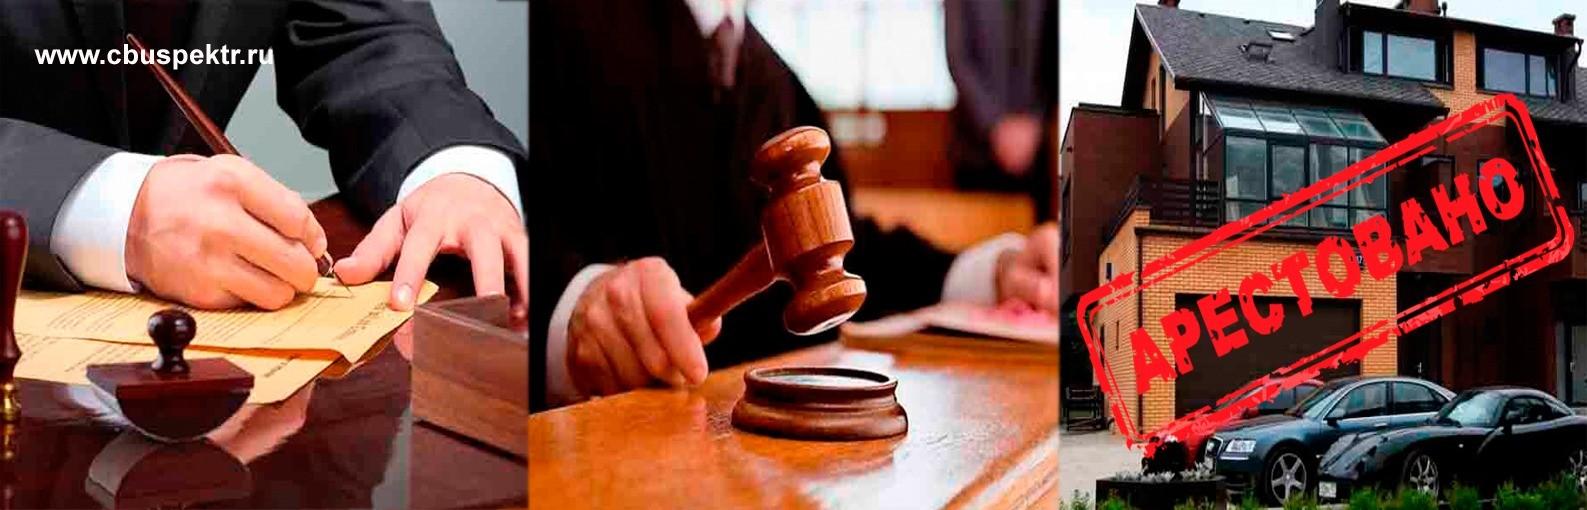 Иск суд арест имущества